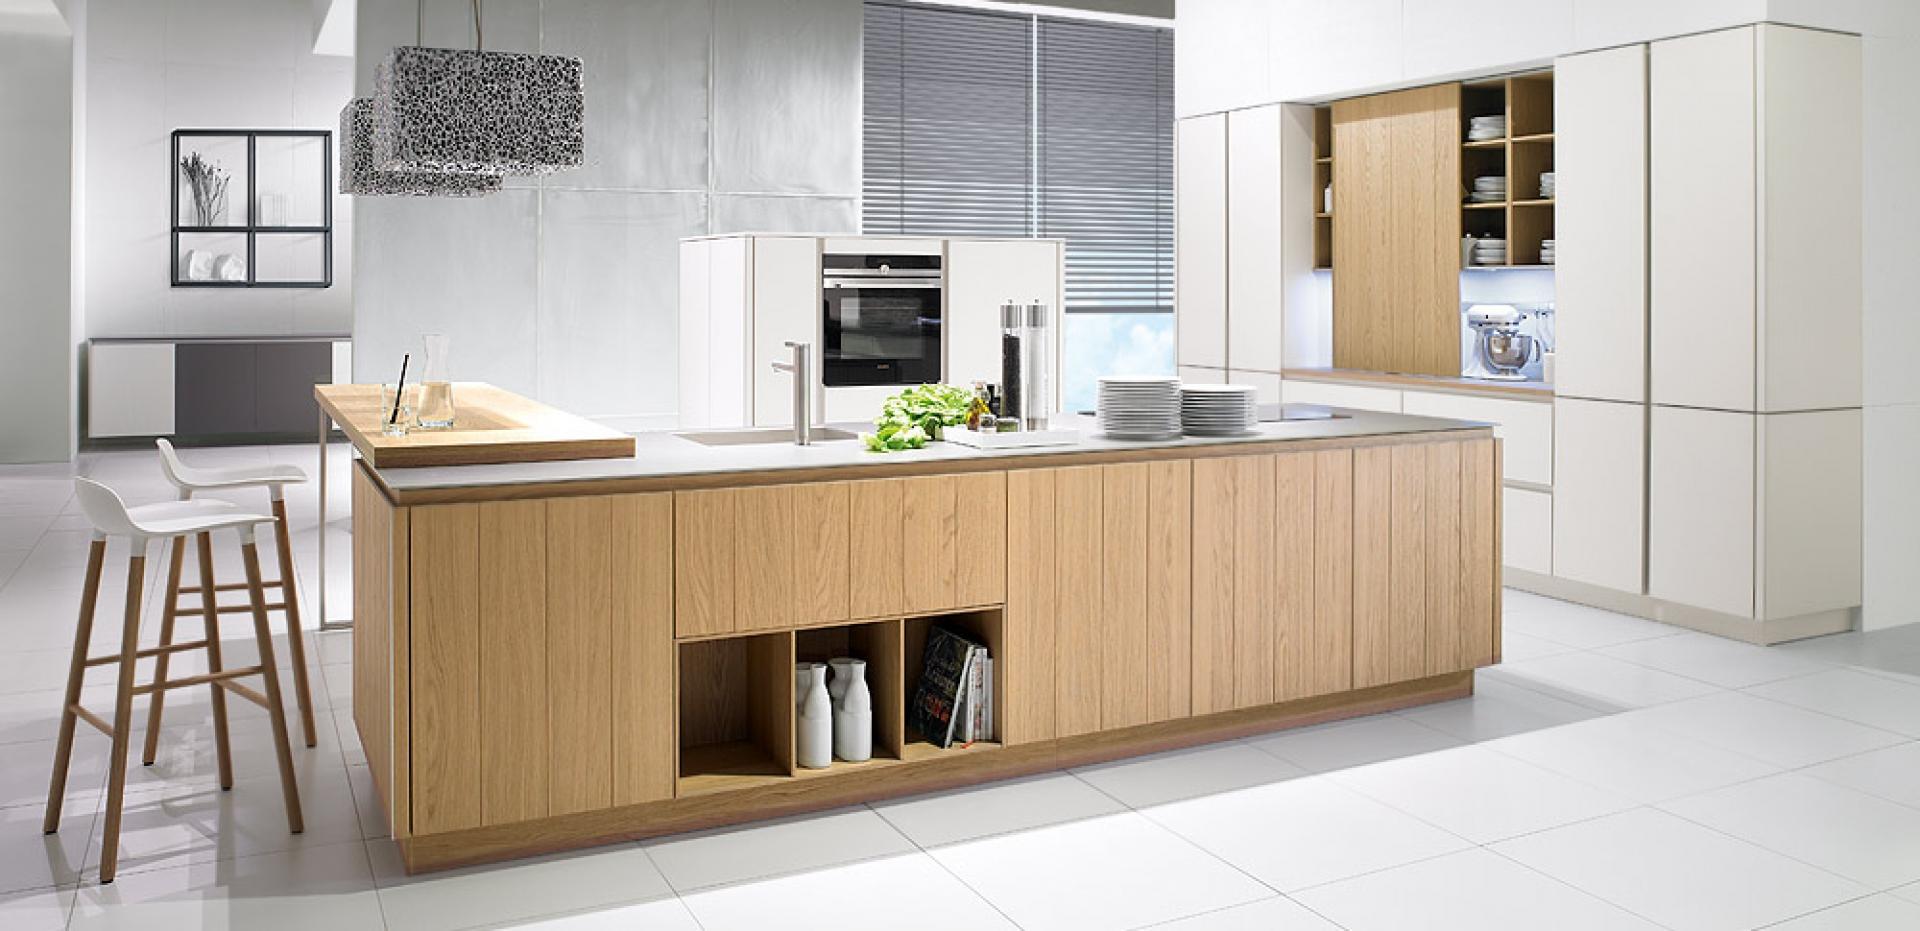 tegels keuken hoogeveen : Nieuwbouwprojecten Keukens En Sanitair Otten Keukens En Sanitair